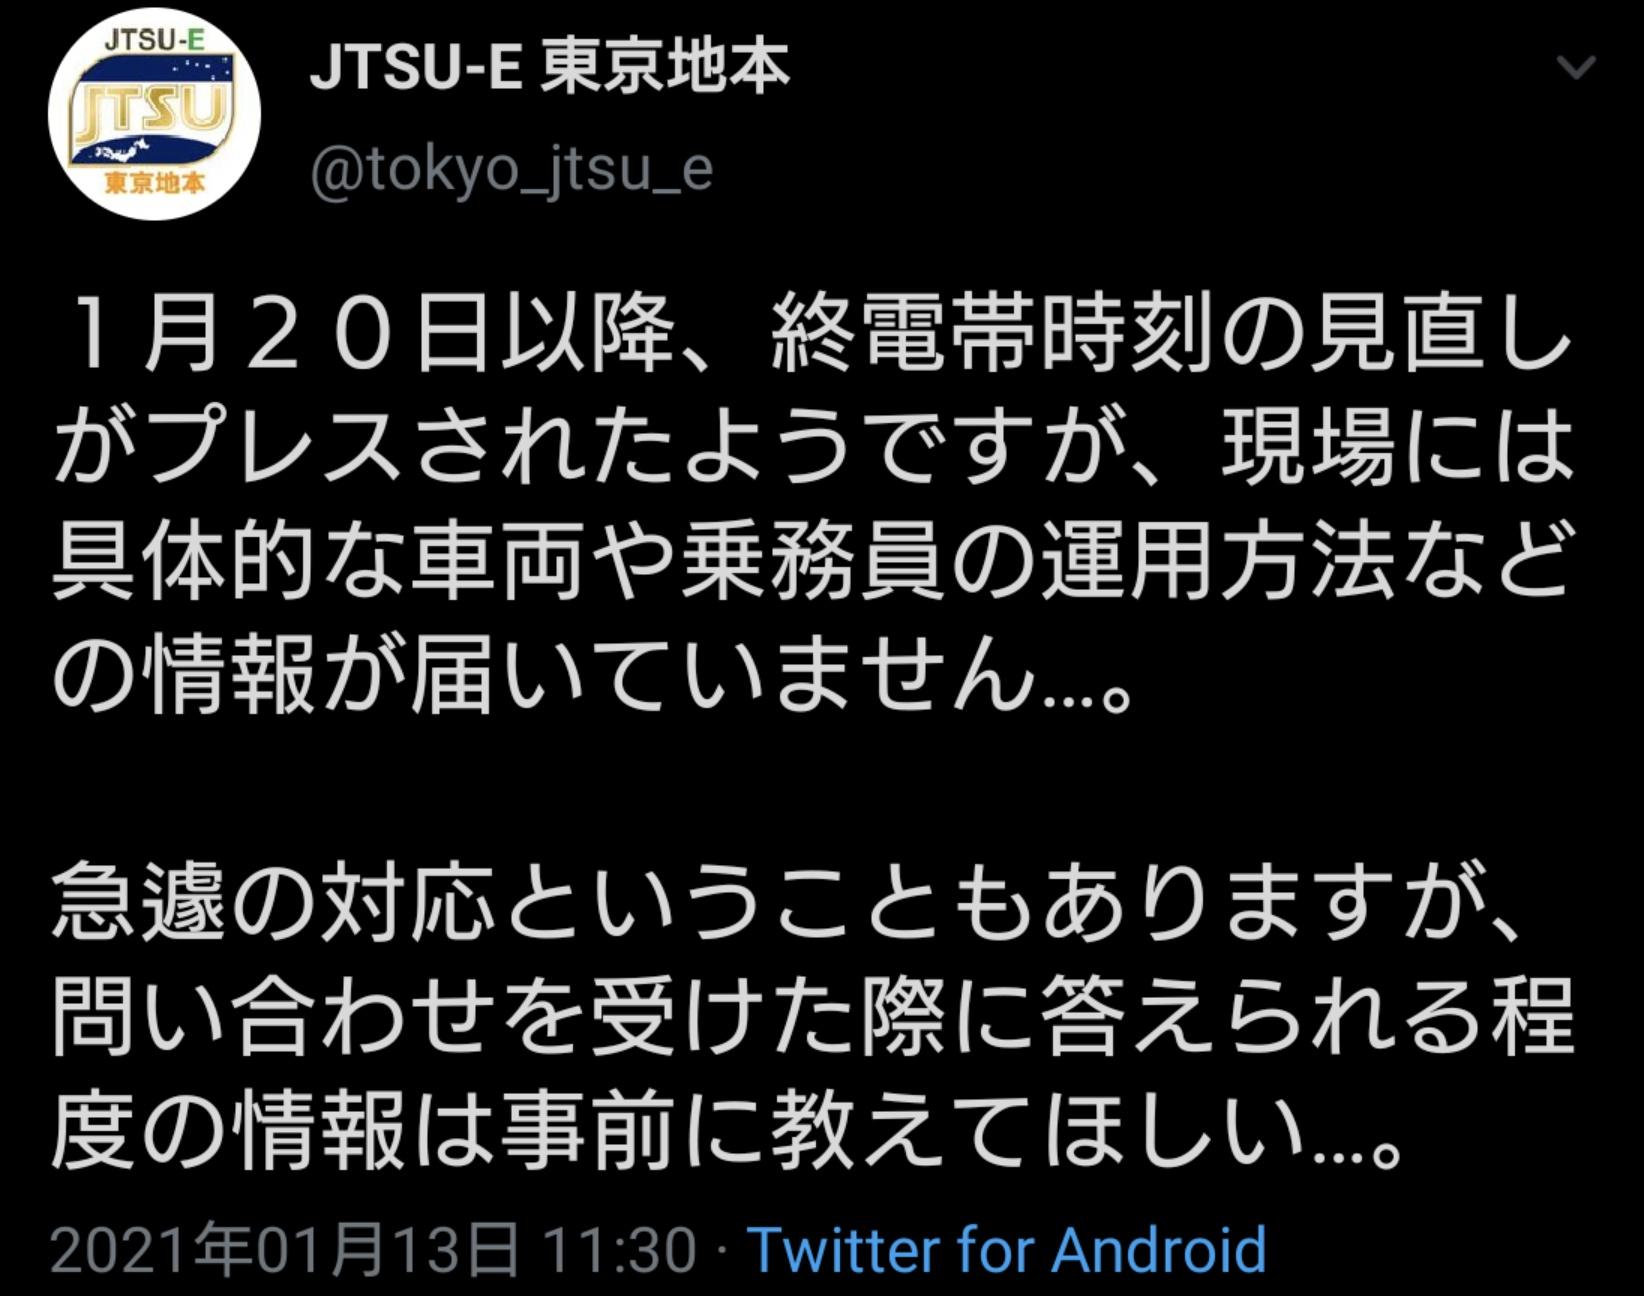 【JR東日本】突如発表された終電時刻の見直し プレスや報道だけで現場には情報届かず労働組合や駅員困惑